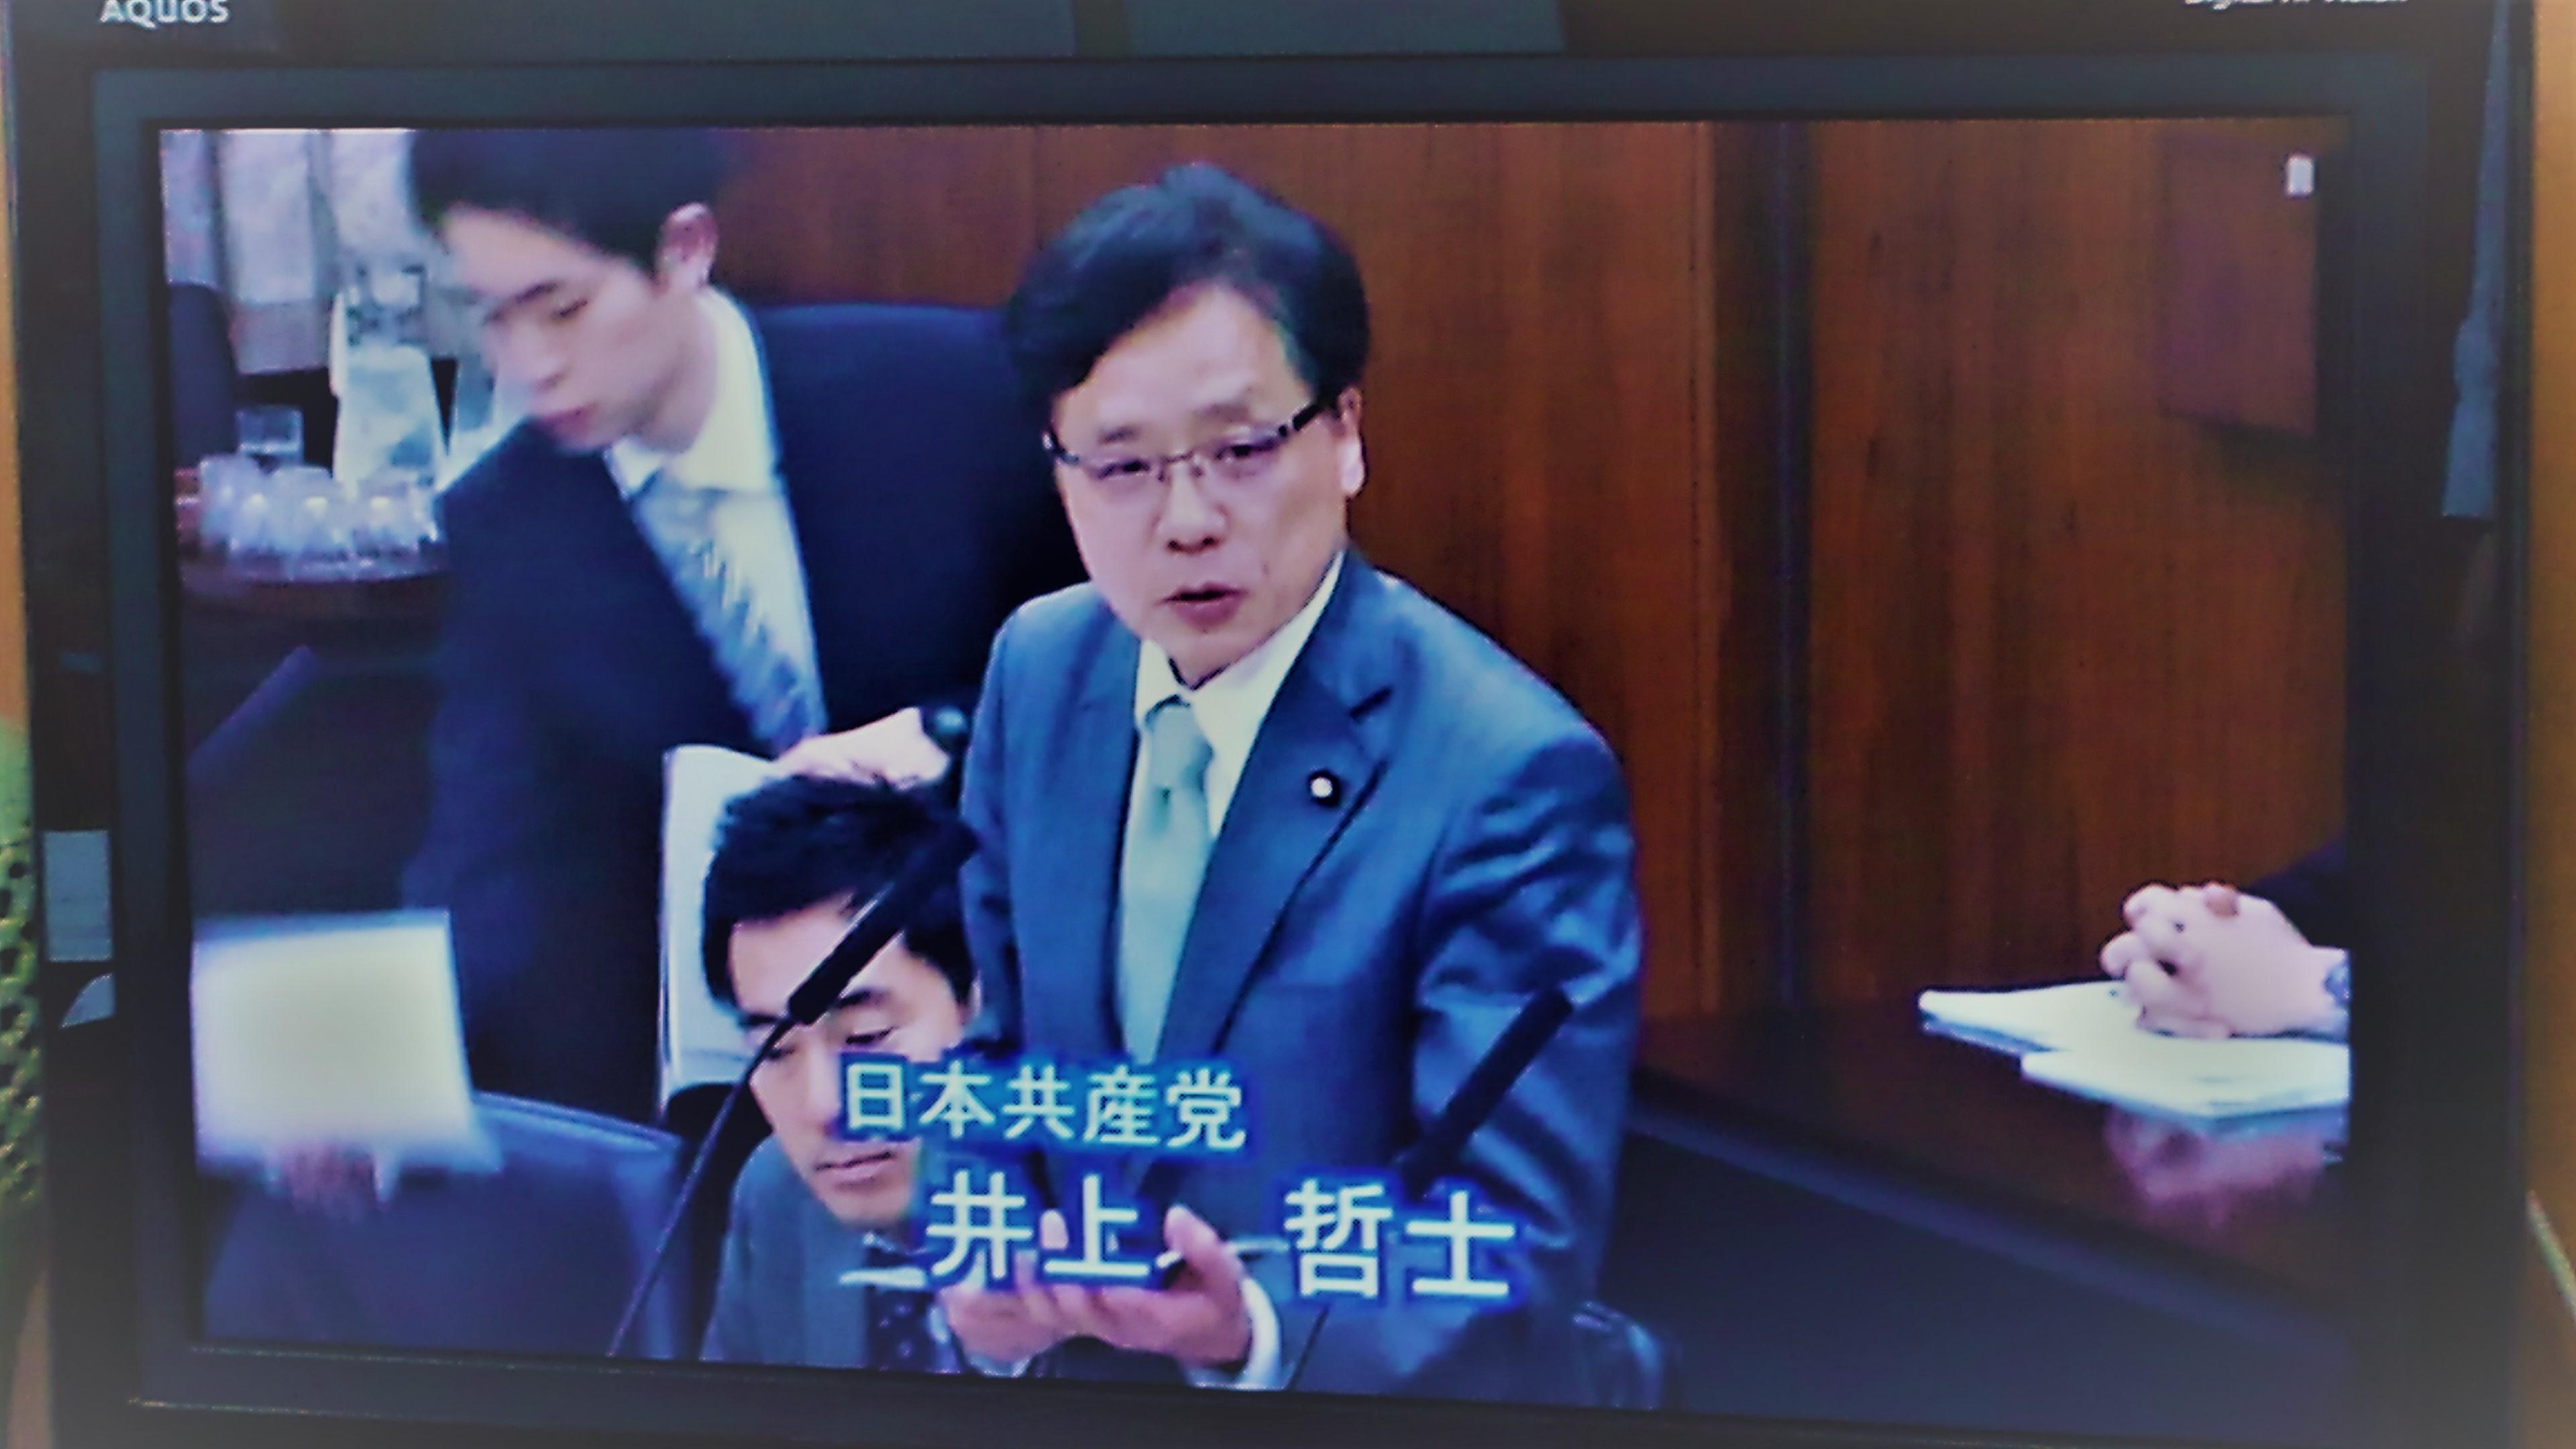 http://www.inoue-satoshi.com/diary/KIMG7887.JPG